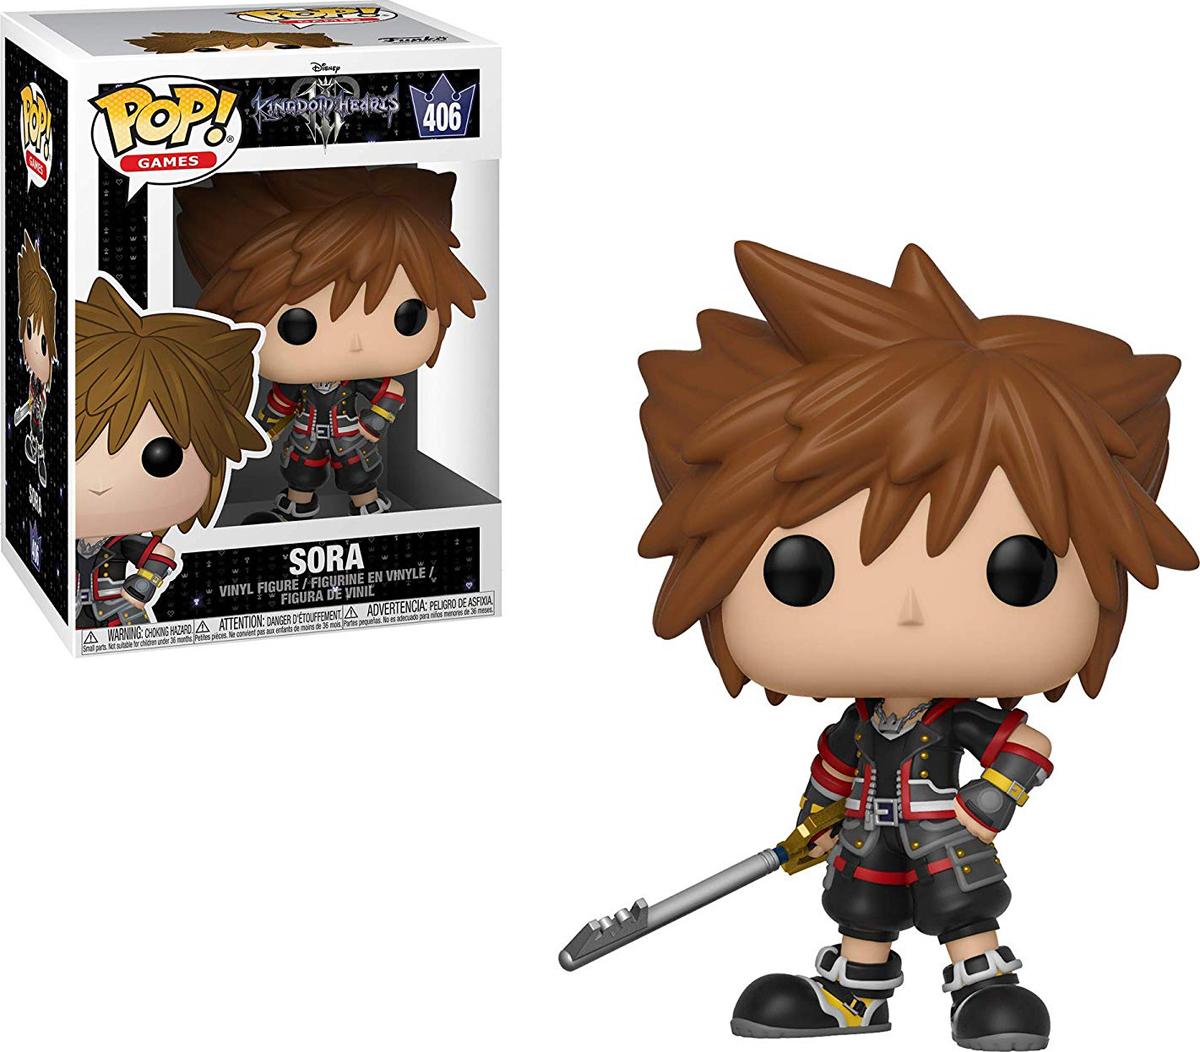 Фигурка Funko POP! Vinyl: Games: Kingdom Hearts 3: Sora 34052 фигурка funko pop vinyl games kingdom hearts 3 sora monster s inc 34057